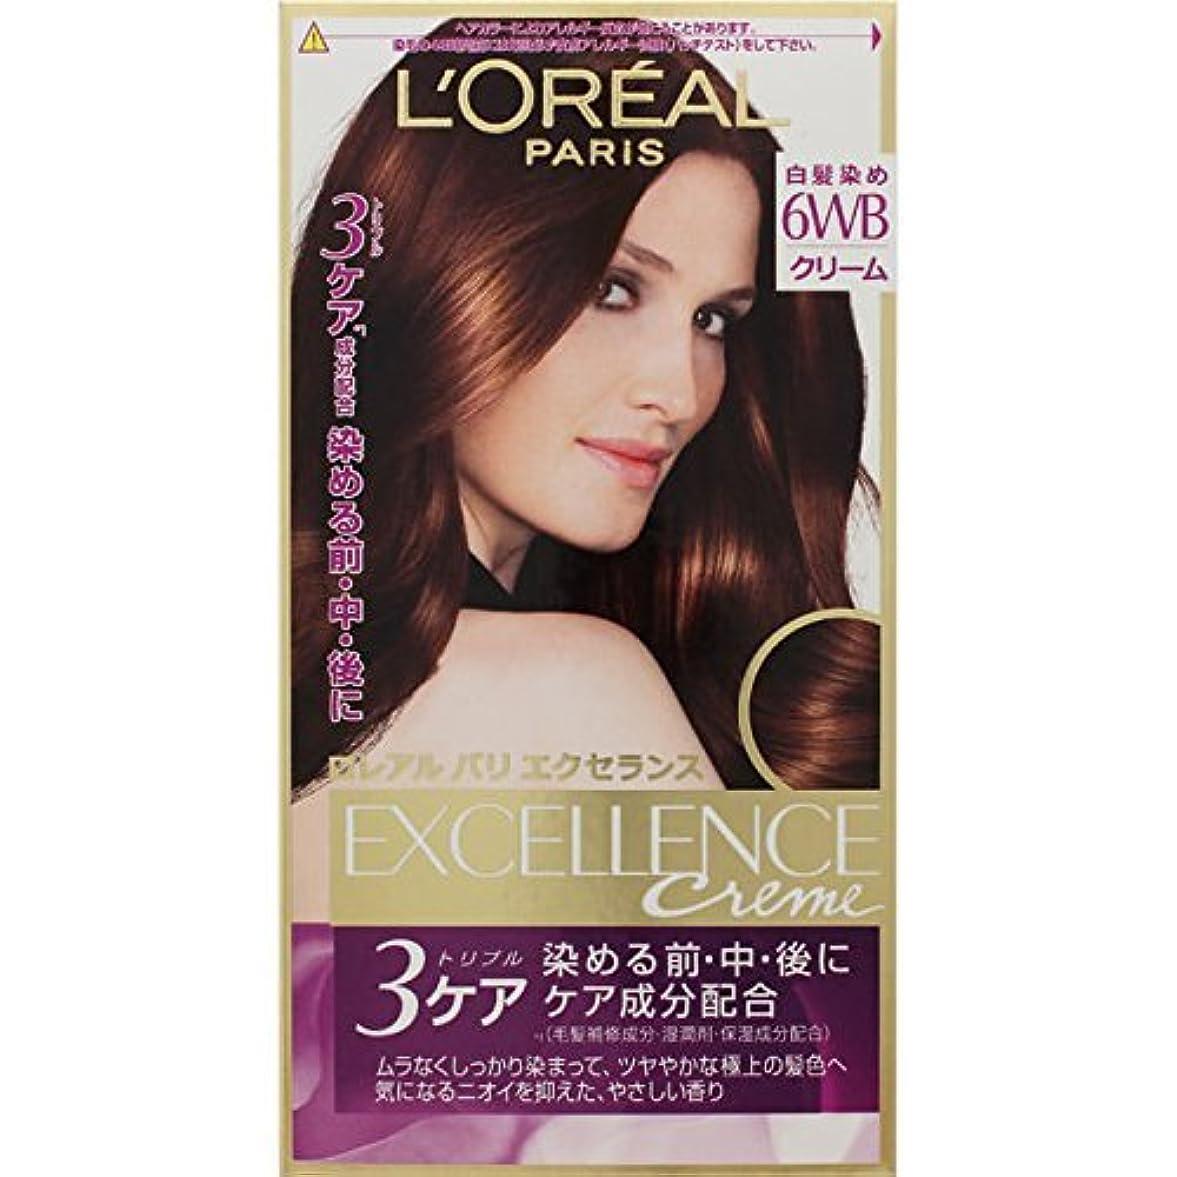 解放軍団食料品店ロレアル パリ ヘアカラー 白髪染め エクセランス N クリームタイプ 6WB ウォーム系のやや明るい栗色